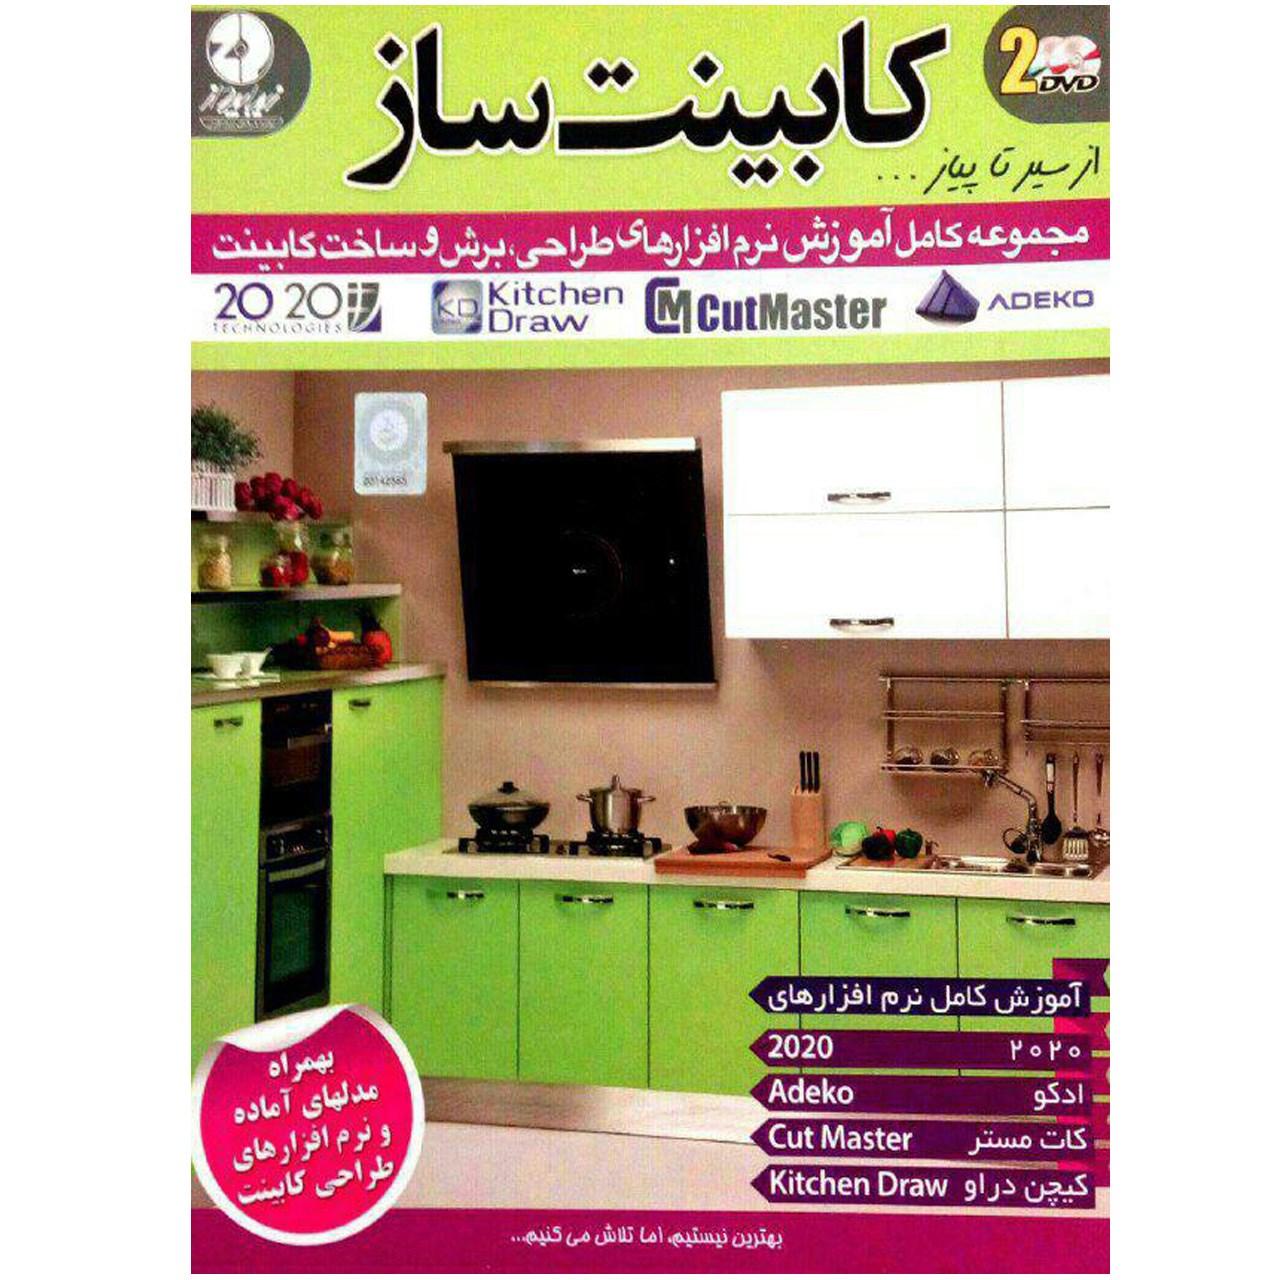 نرم افزار آموزش جامع طراحی کابینت و آشپزخانه نشرزیباپرداز